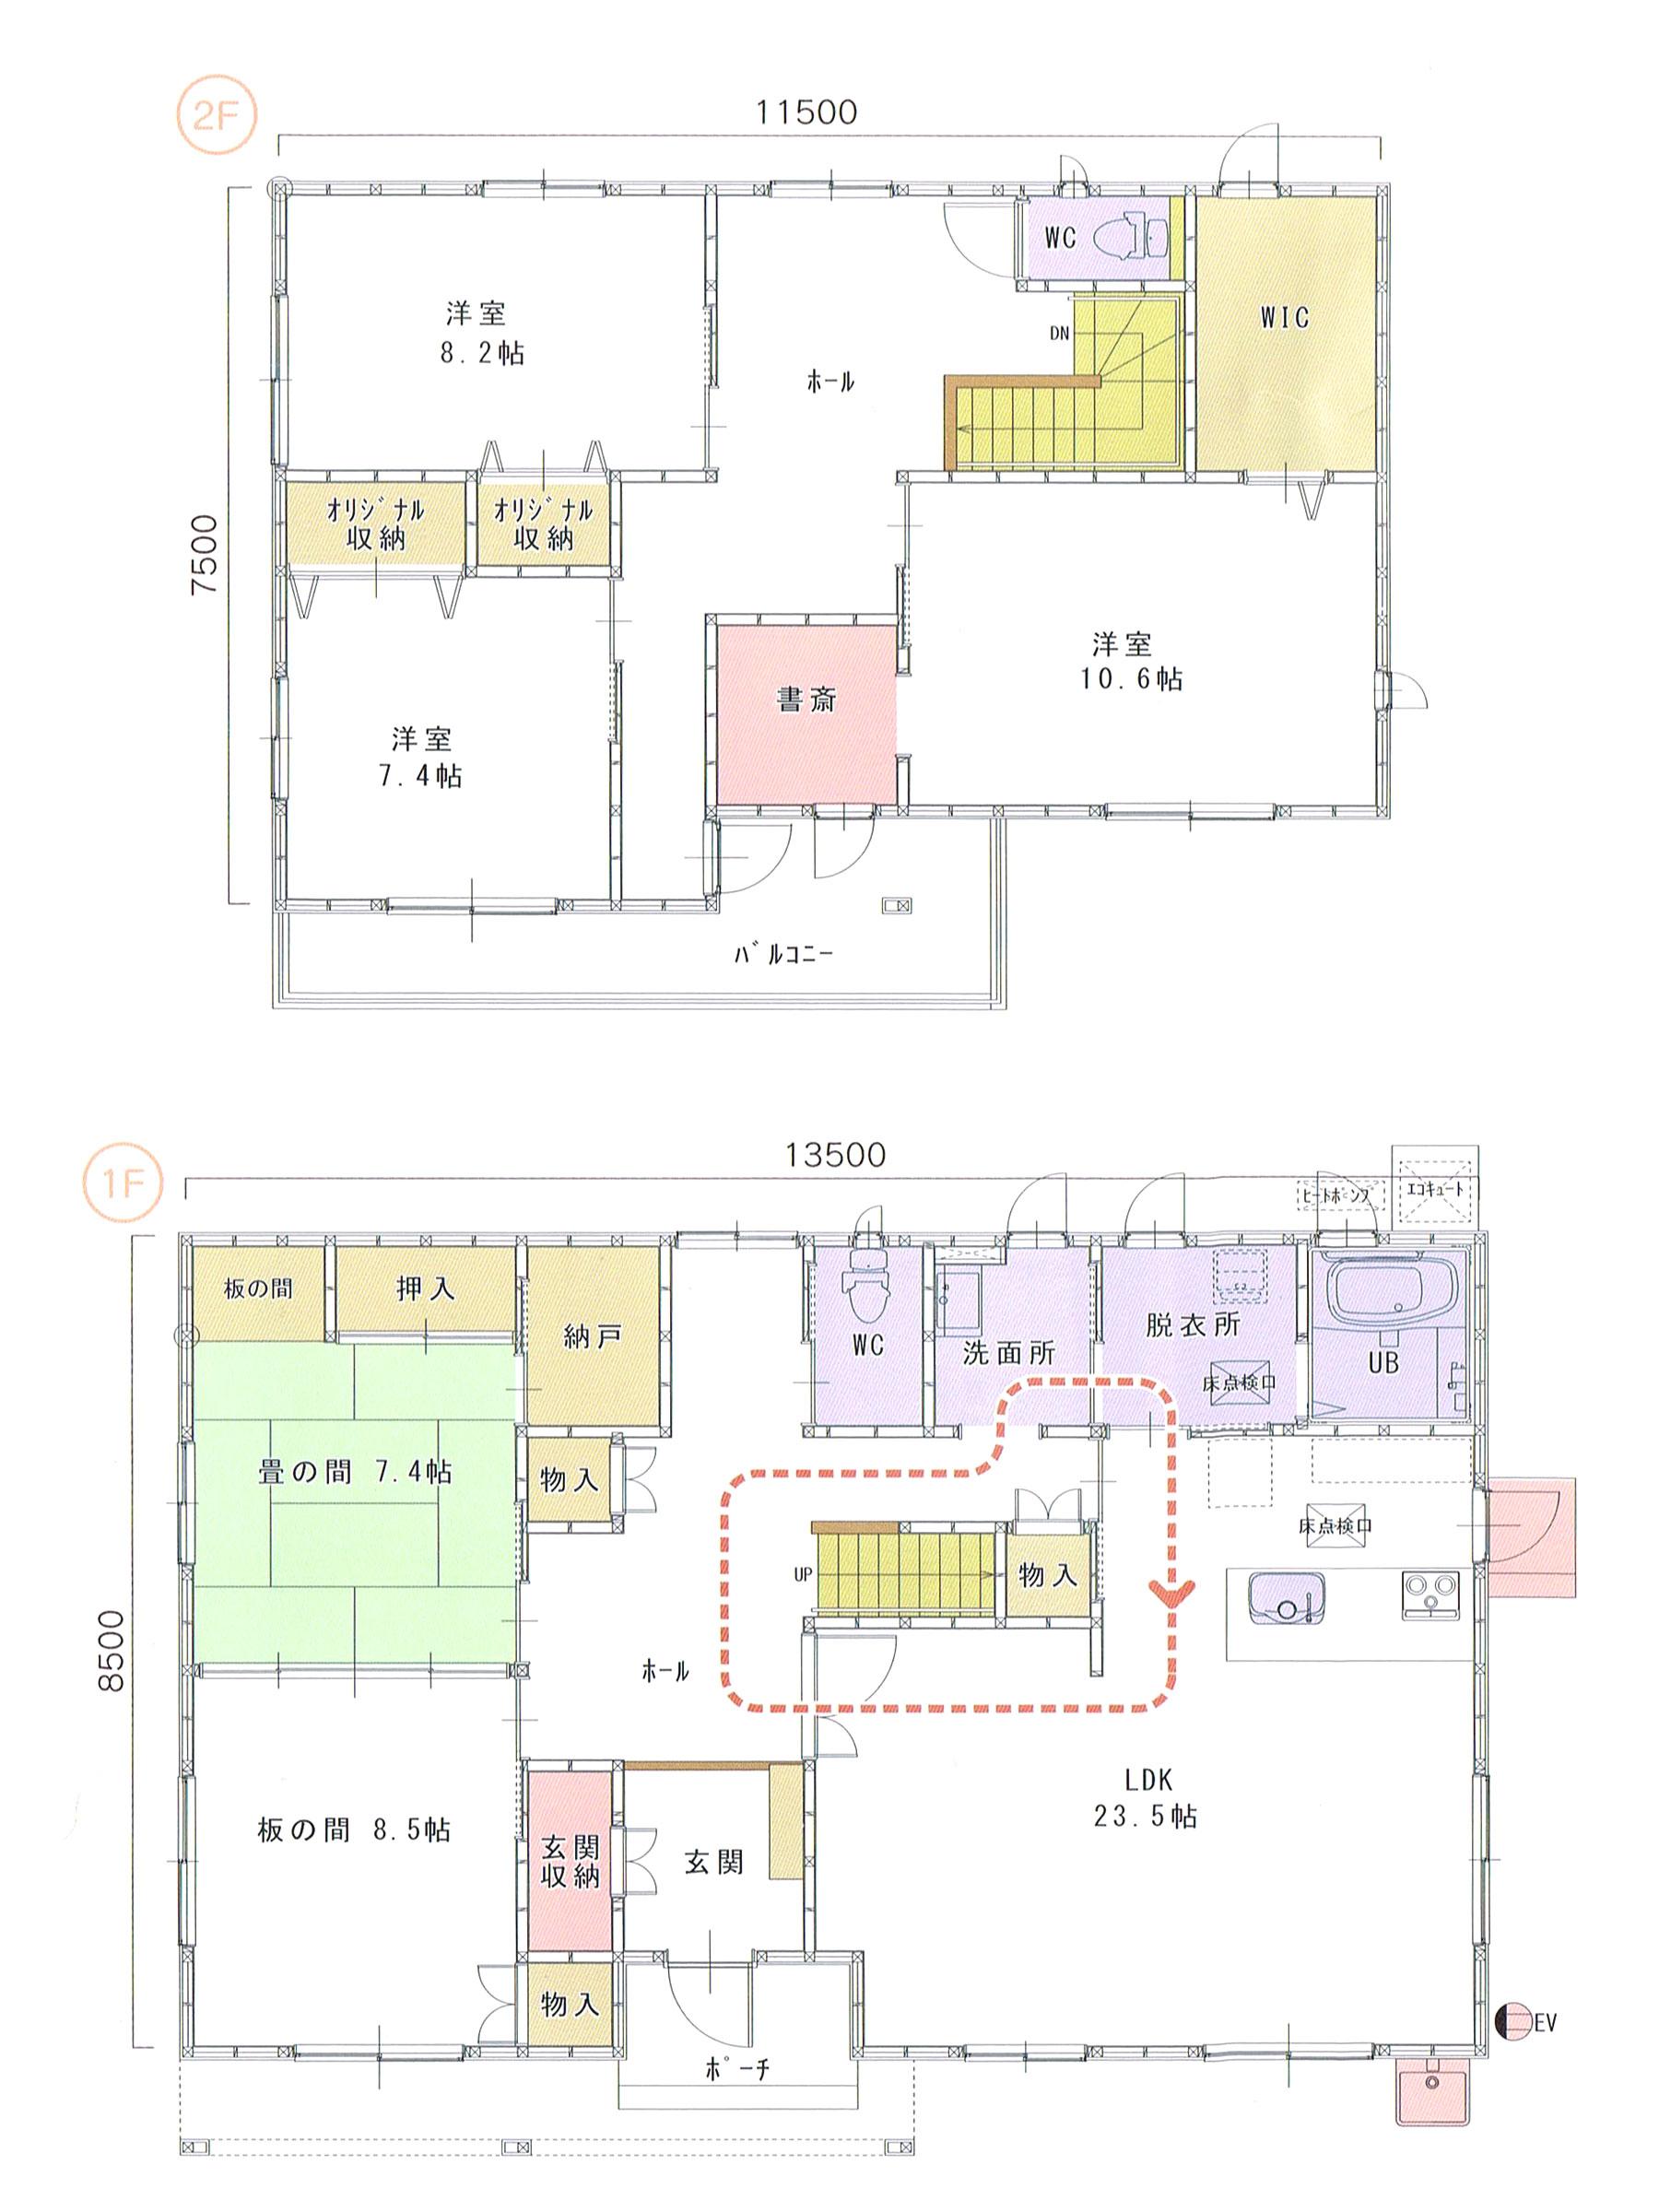 プランK-57 スモリの家